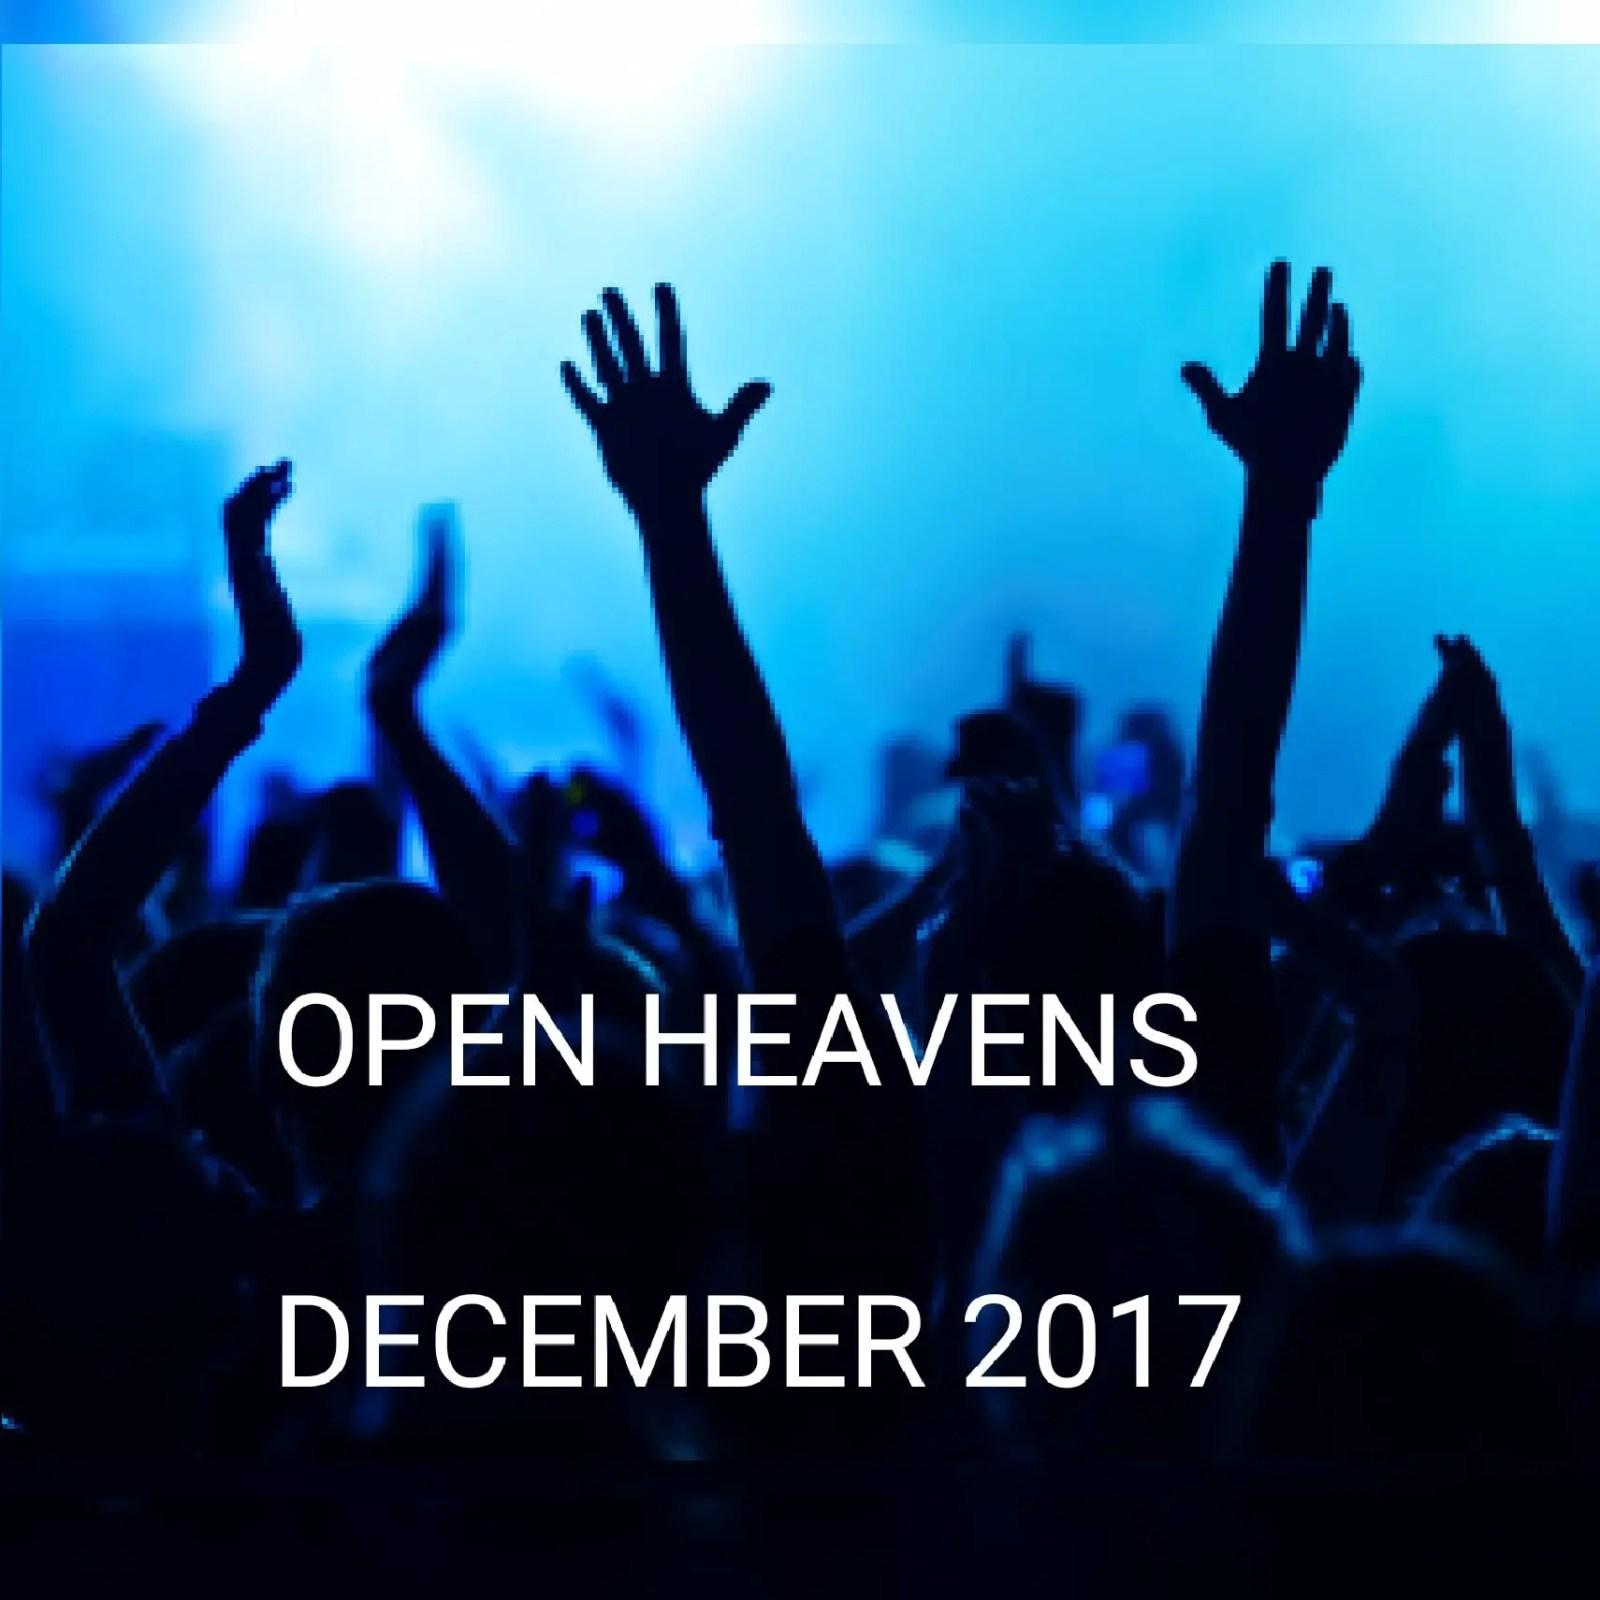 Open heaven December 2017